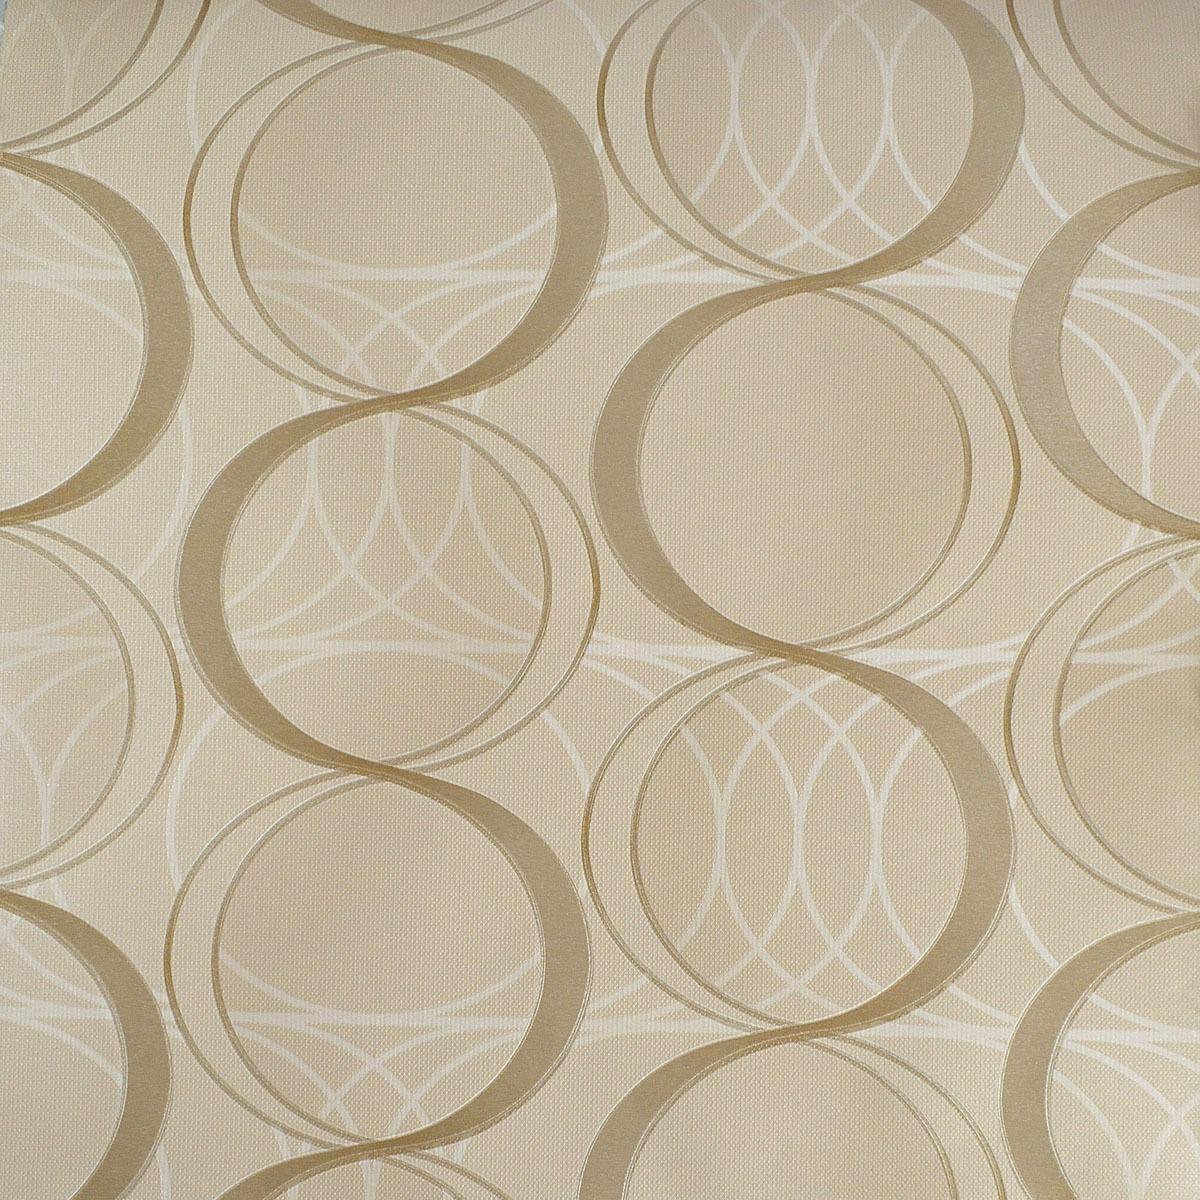 Papel de parede rolo alto padr o bege dourado alto relevo for Papel de pared rustico